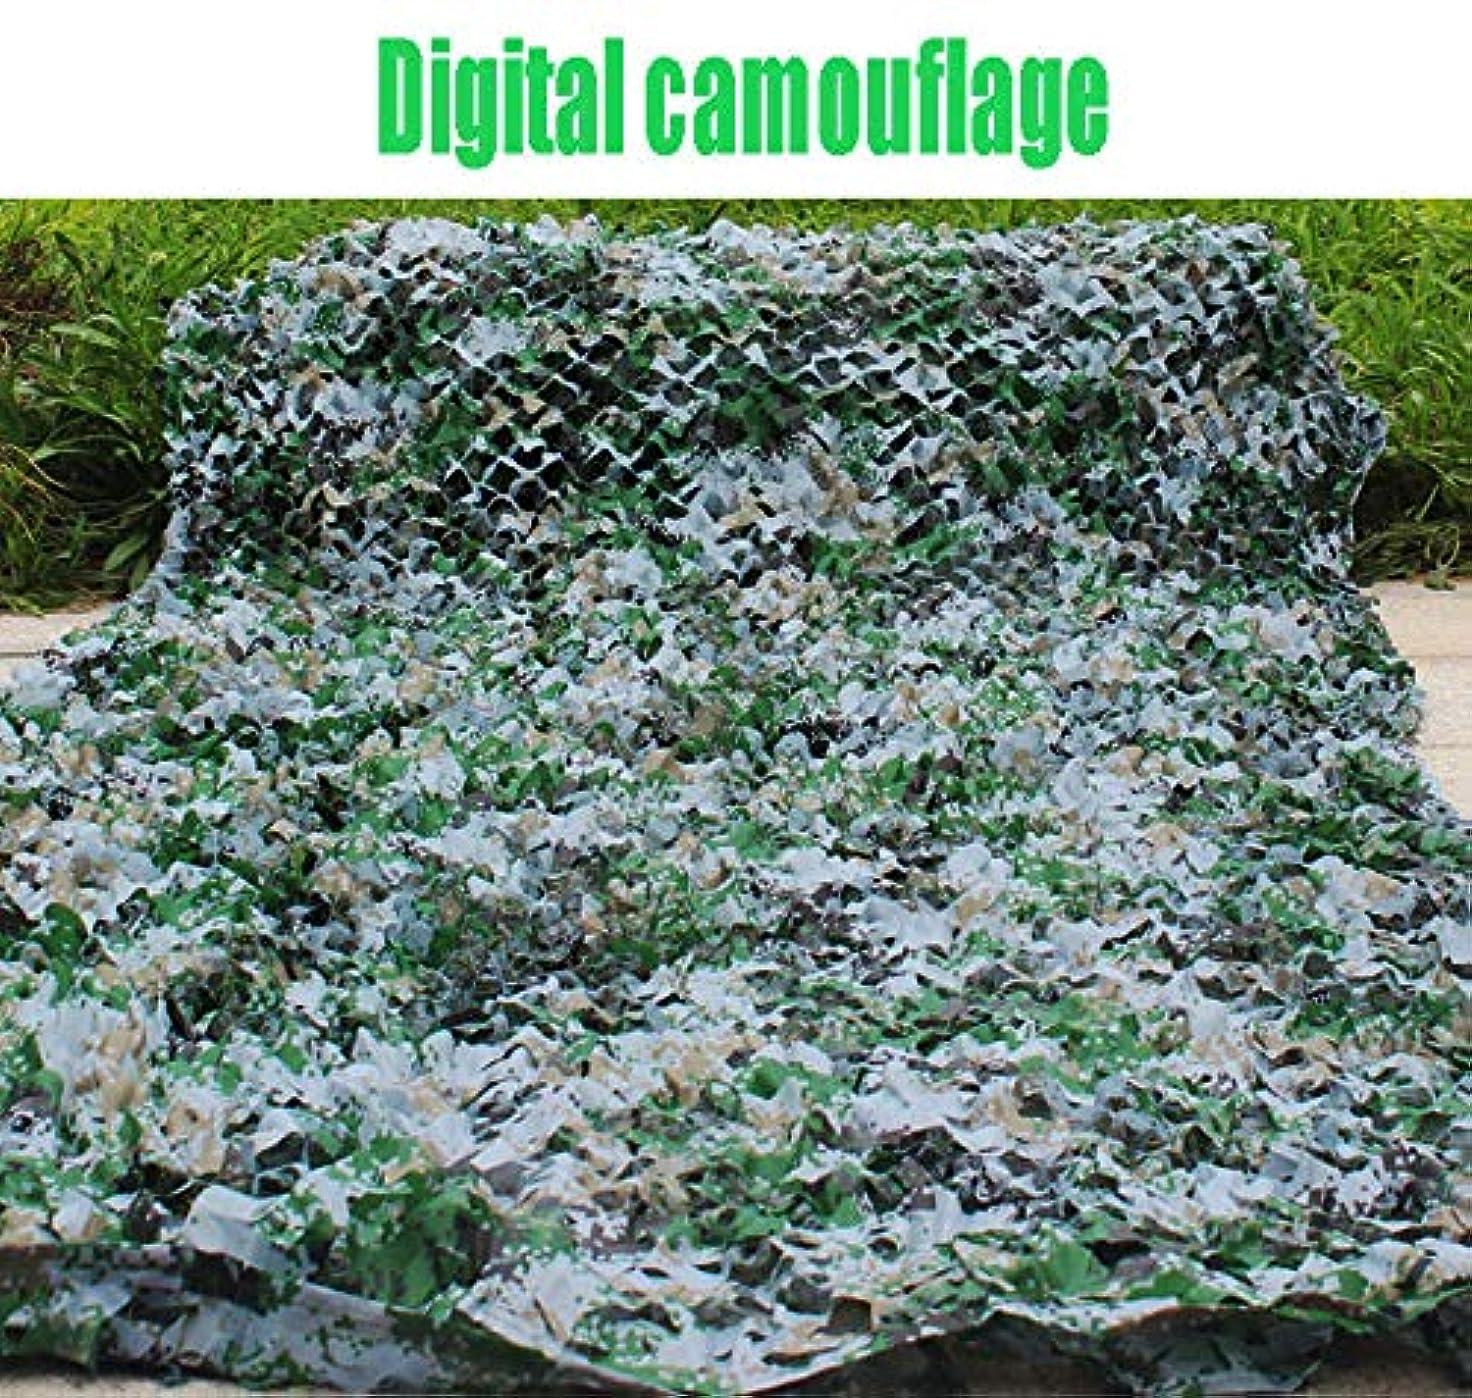 ジム許す靄2m×3mオックスフォードサンズデジタルジャングル迷彩ネット雪の海迷彩ネット、狩猟射撃隠すキャンプ、屋外の写真デコレーション、キャンプの避難所 (色 : Digital, サイズ さいず : 6 × 6m)